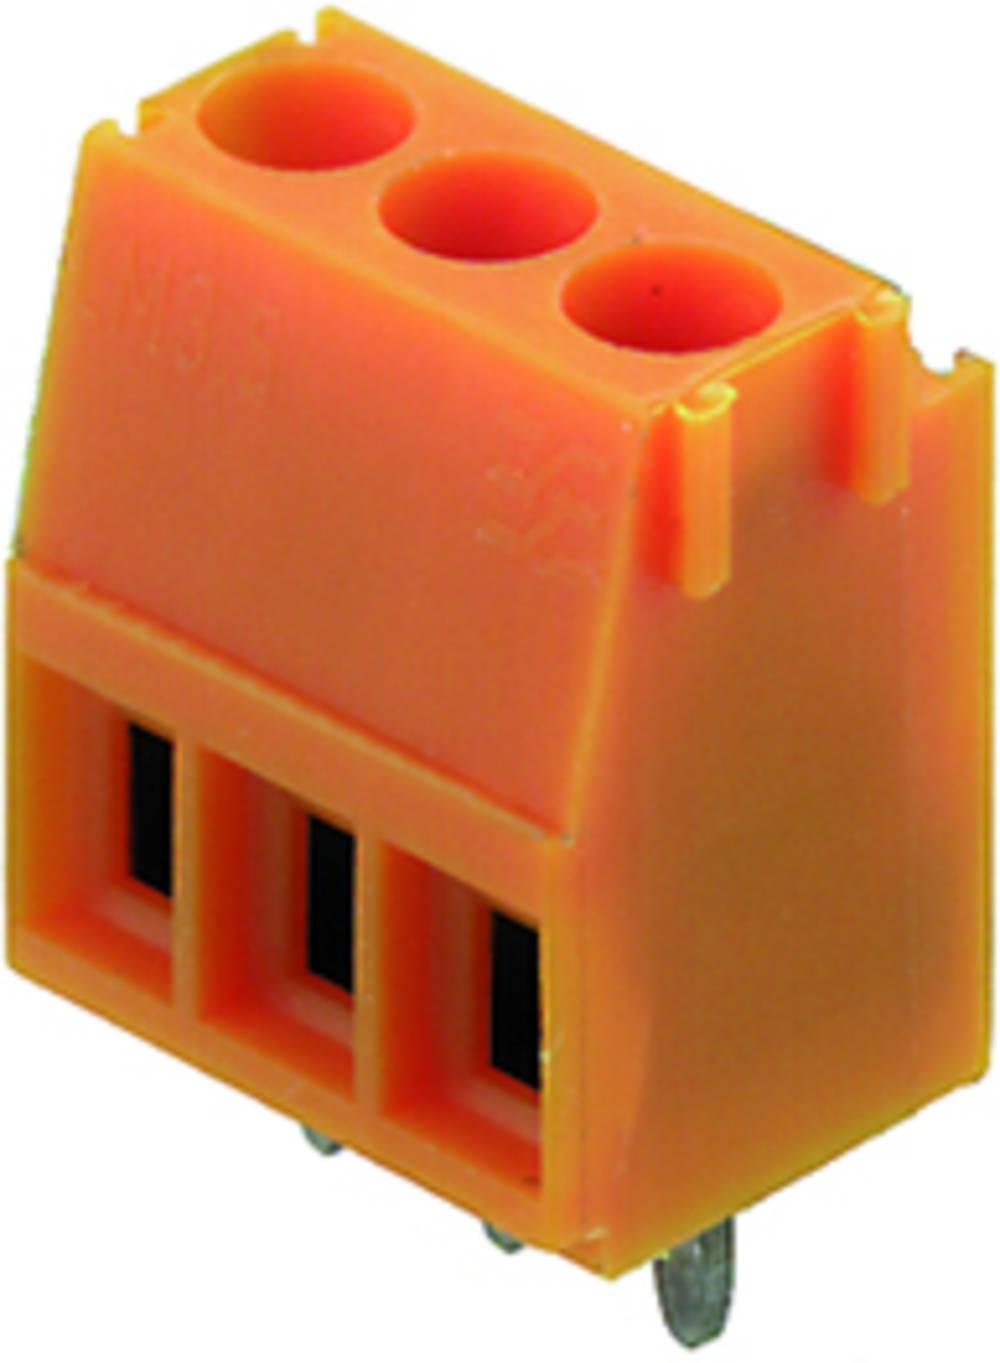 Skrueklemmeblok Weidmüller LM 3.50/08/90 3.2SN OR BX 1.50 mm² Poltal 8 Orange 50 stk